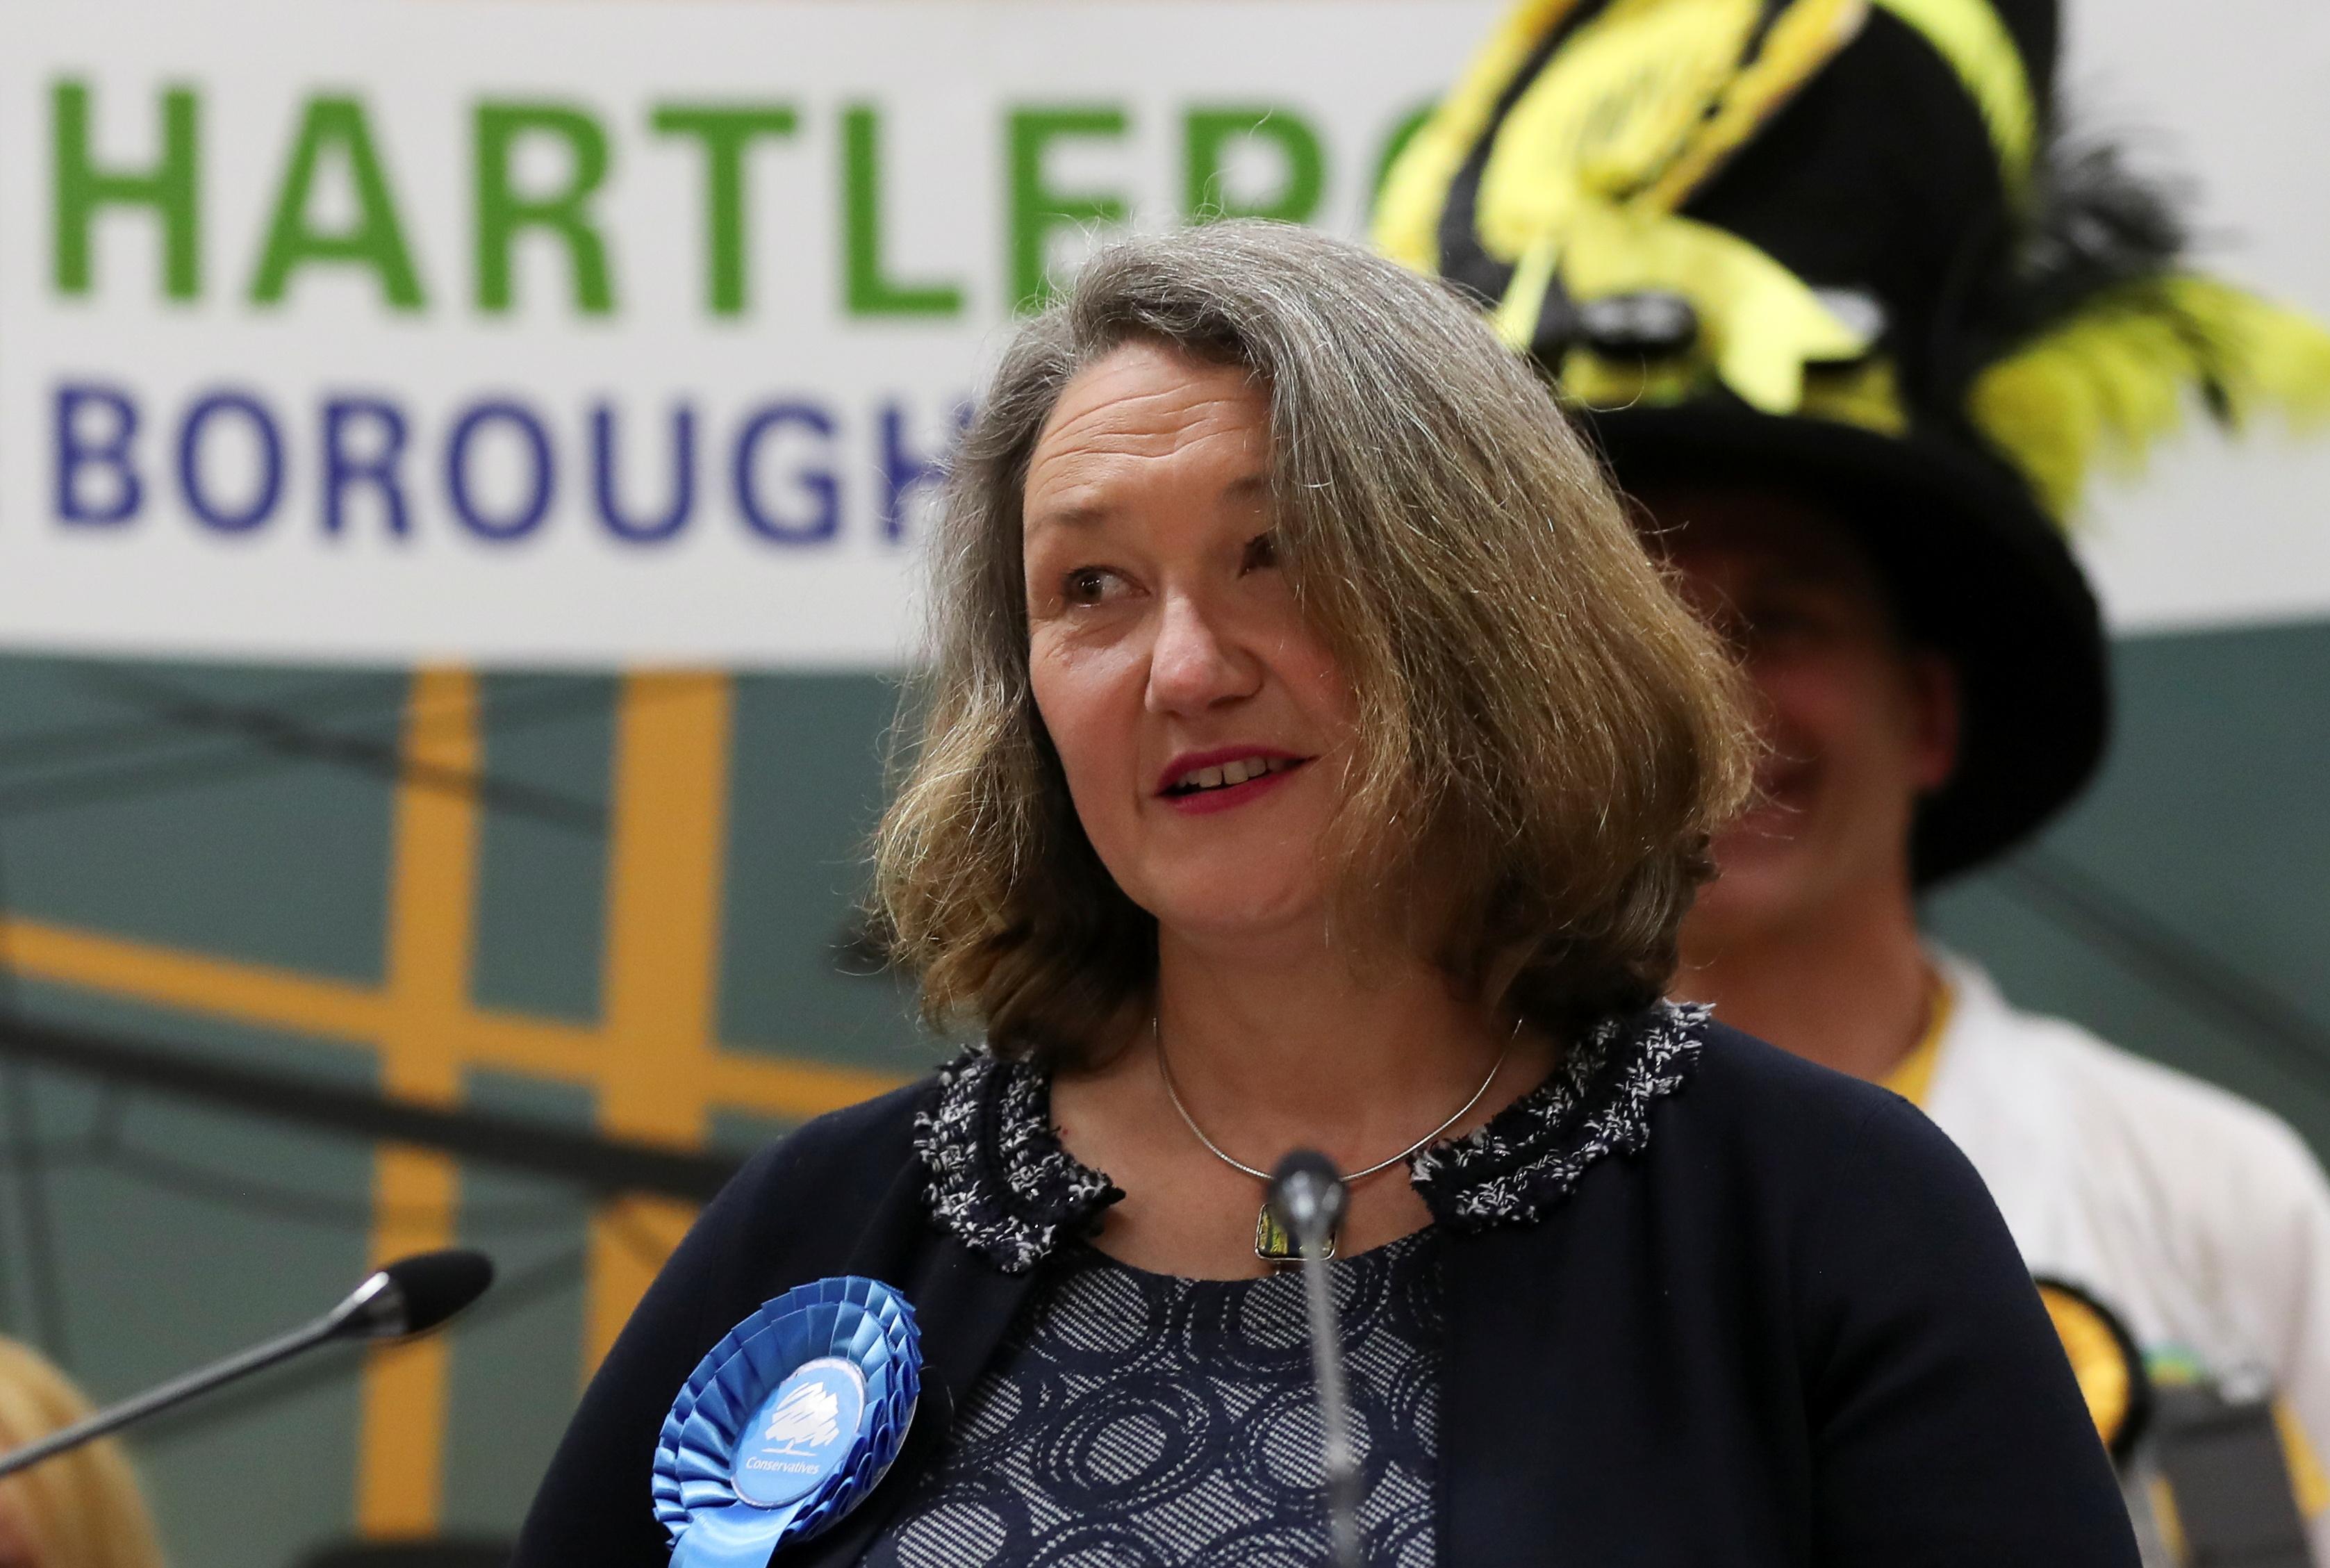 Jill Mortimer aventajó en 23 puntos al candidato laborista.